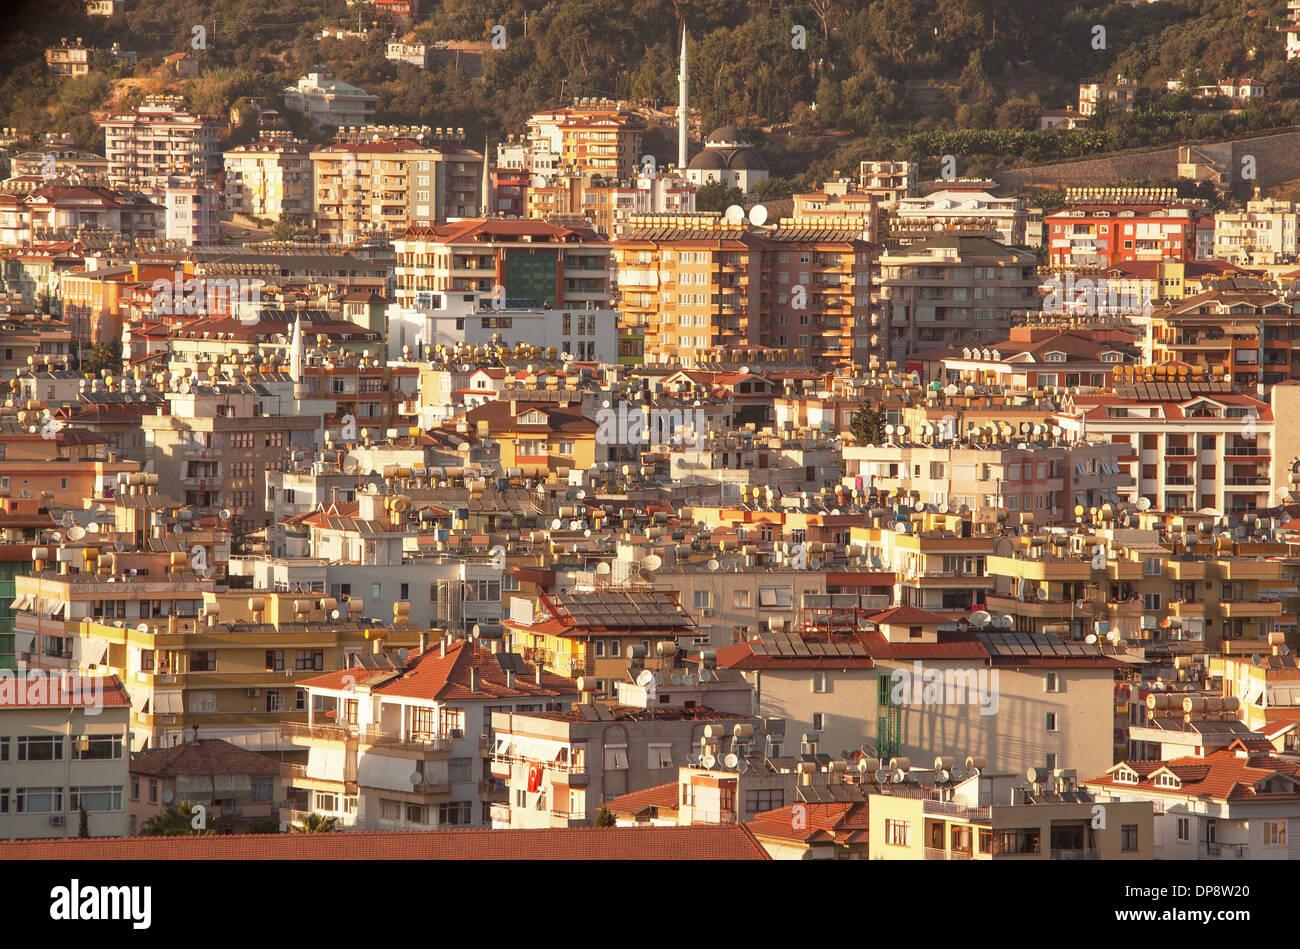 Riscaldatori di acqua e antenne satellitari. Caratteristiche di architettura moderna nella città di Alanya, Turchia. Canon 5D Mk II. Immagini Stock